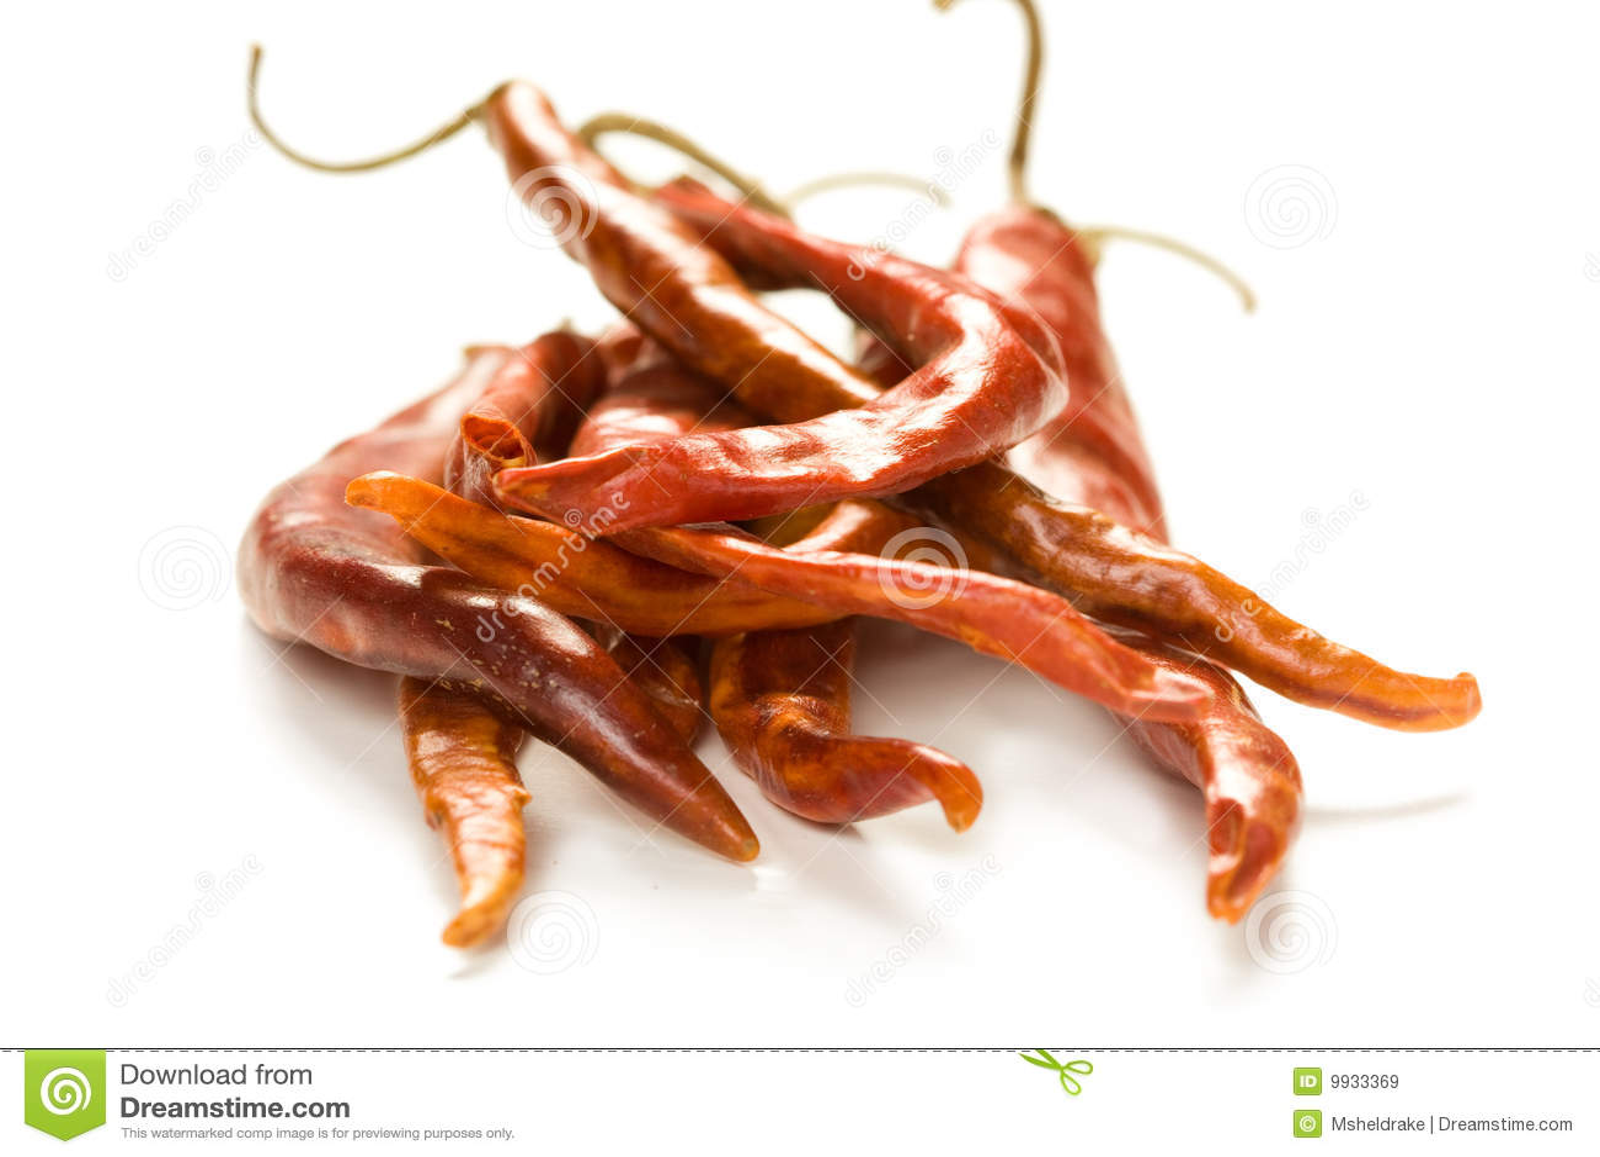 Arbol chiles